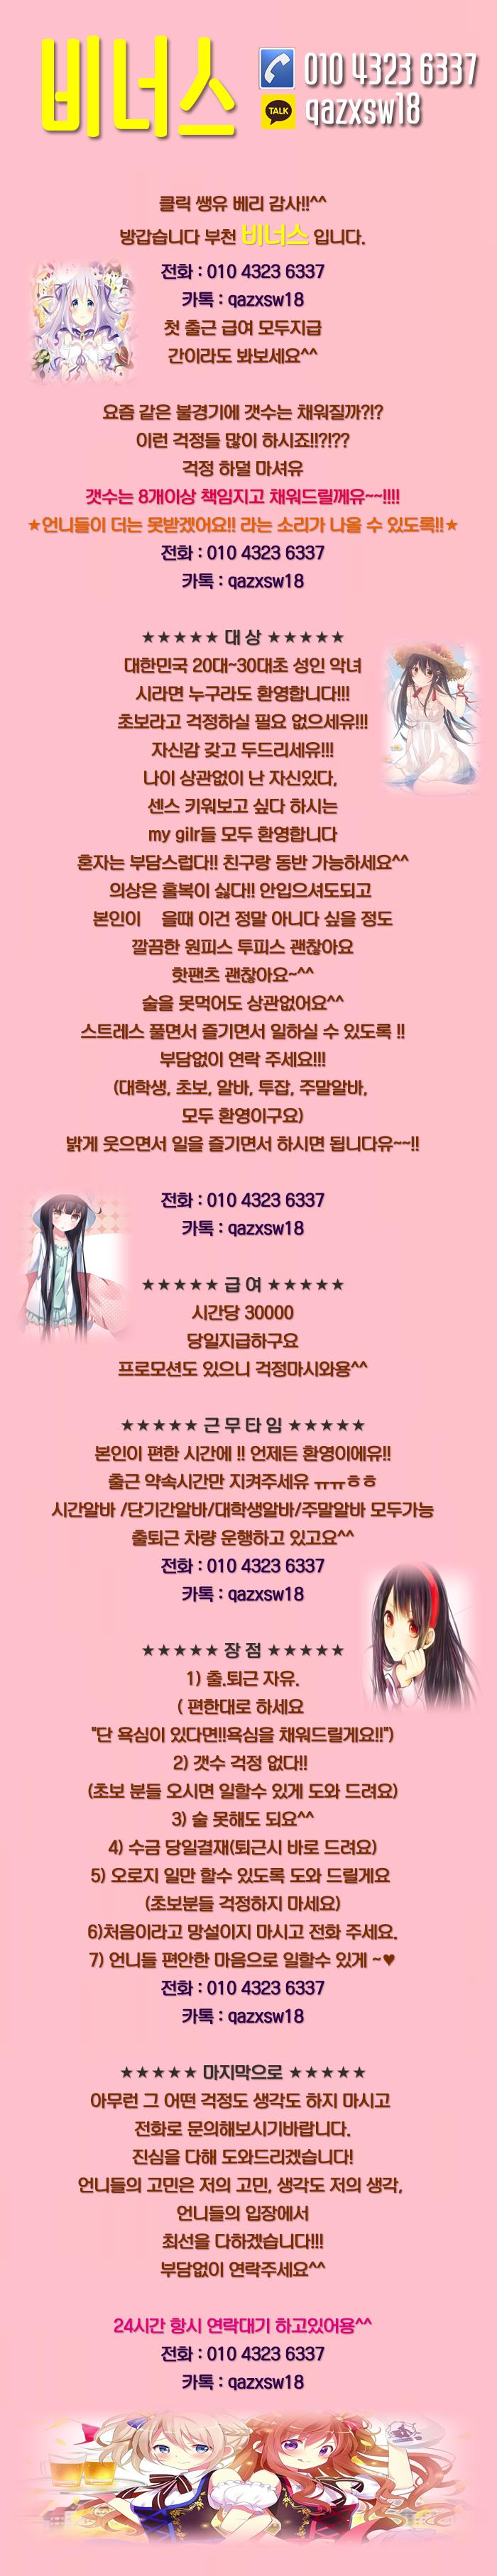 밤알바 룸알바 유흥알바